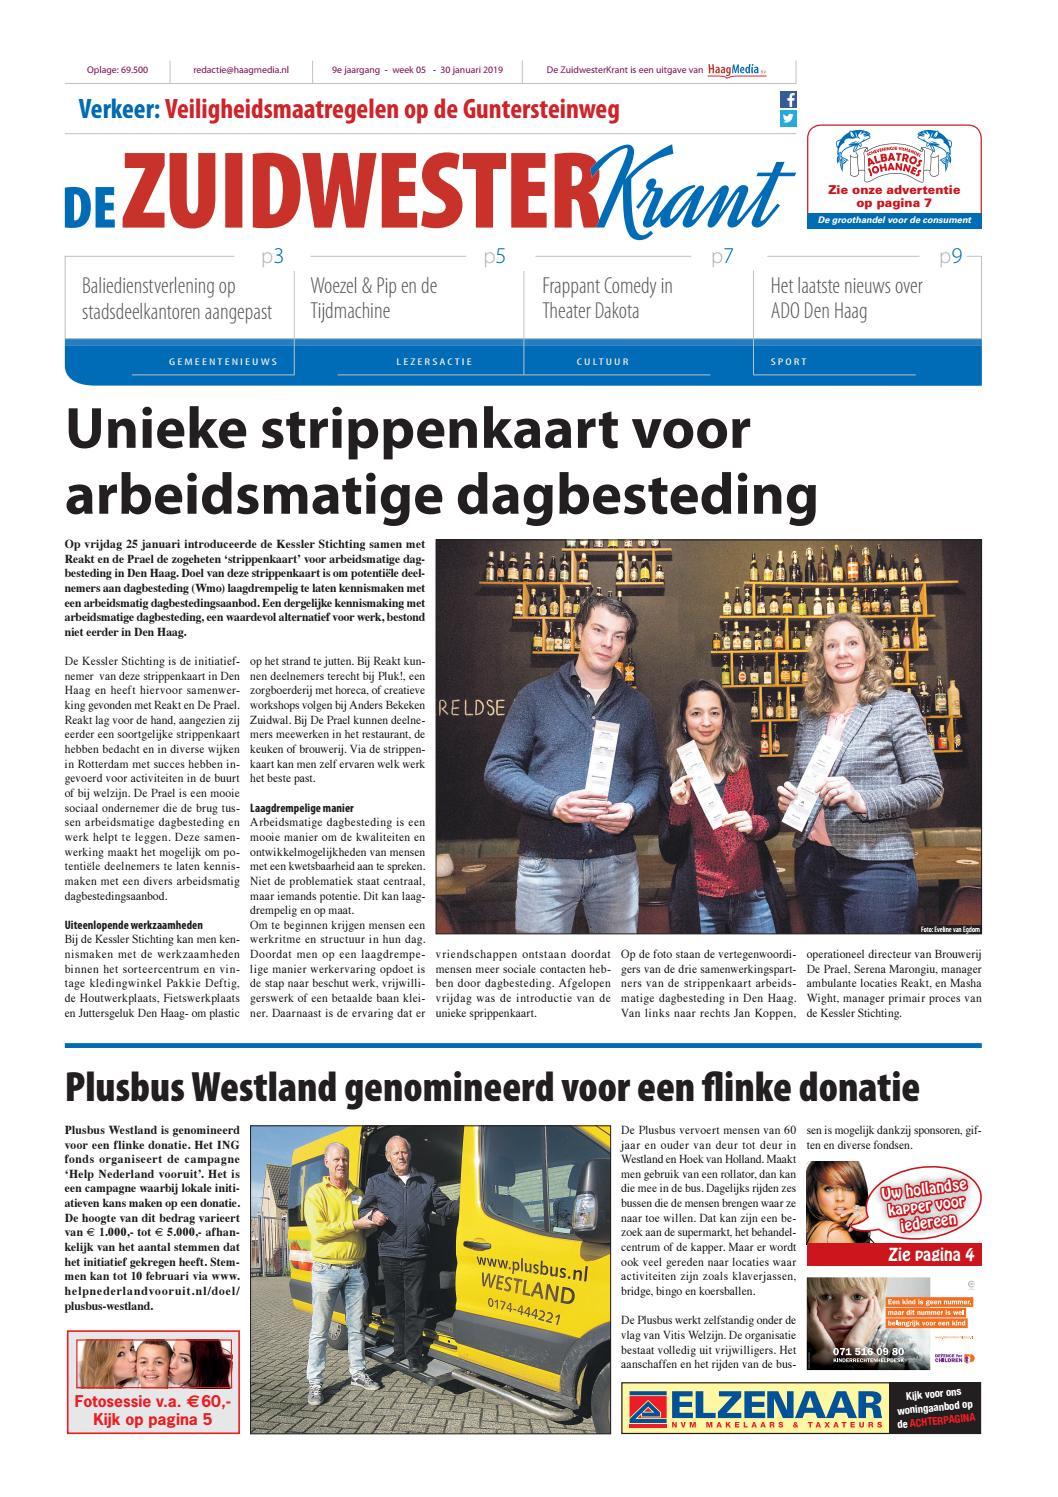 de zuidwesterkrant week 05 2019 by haagmedia issuuTeammanager Zorg En Welzijn.htm #9